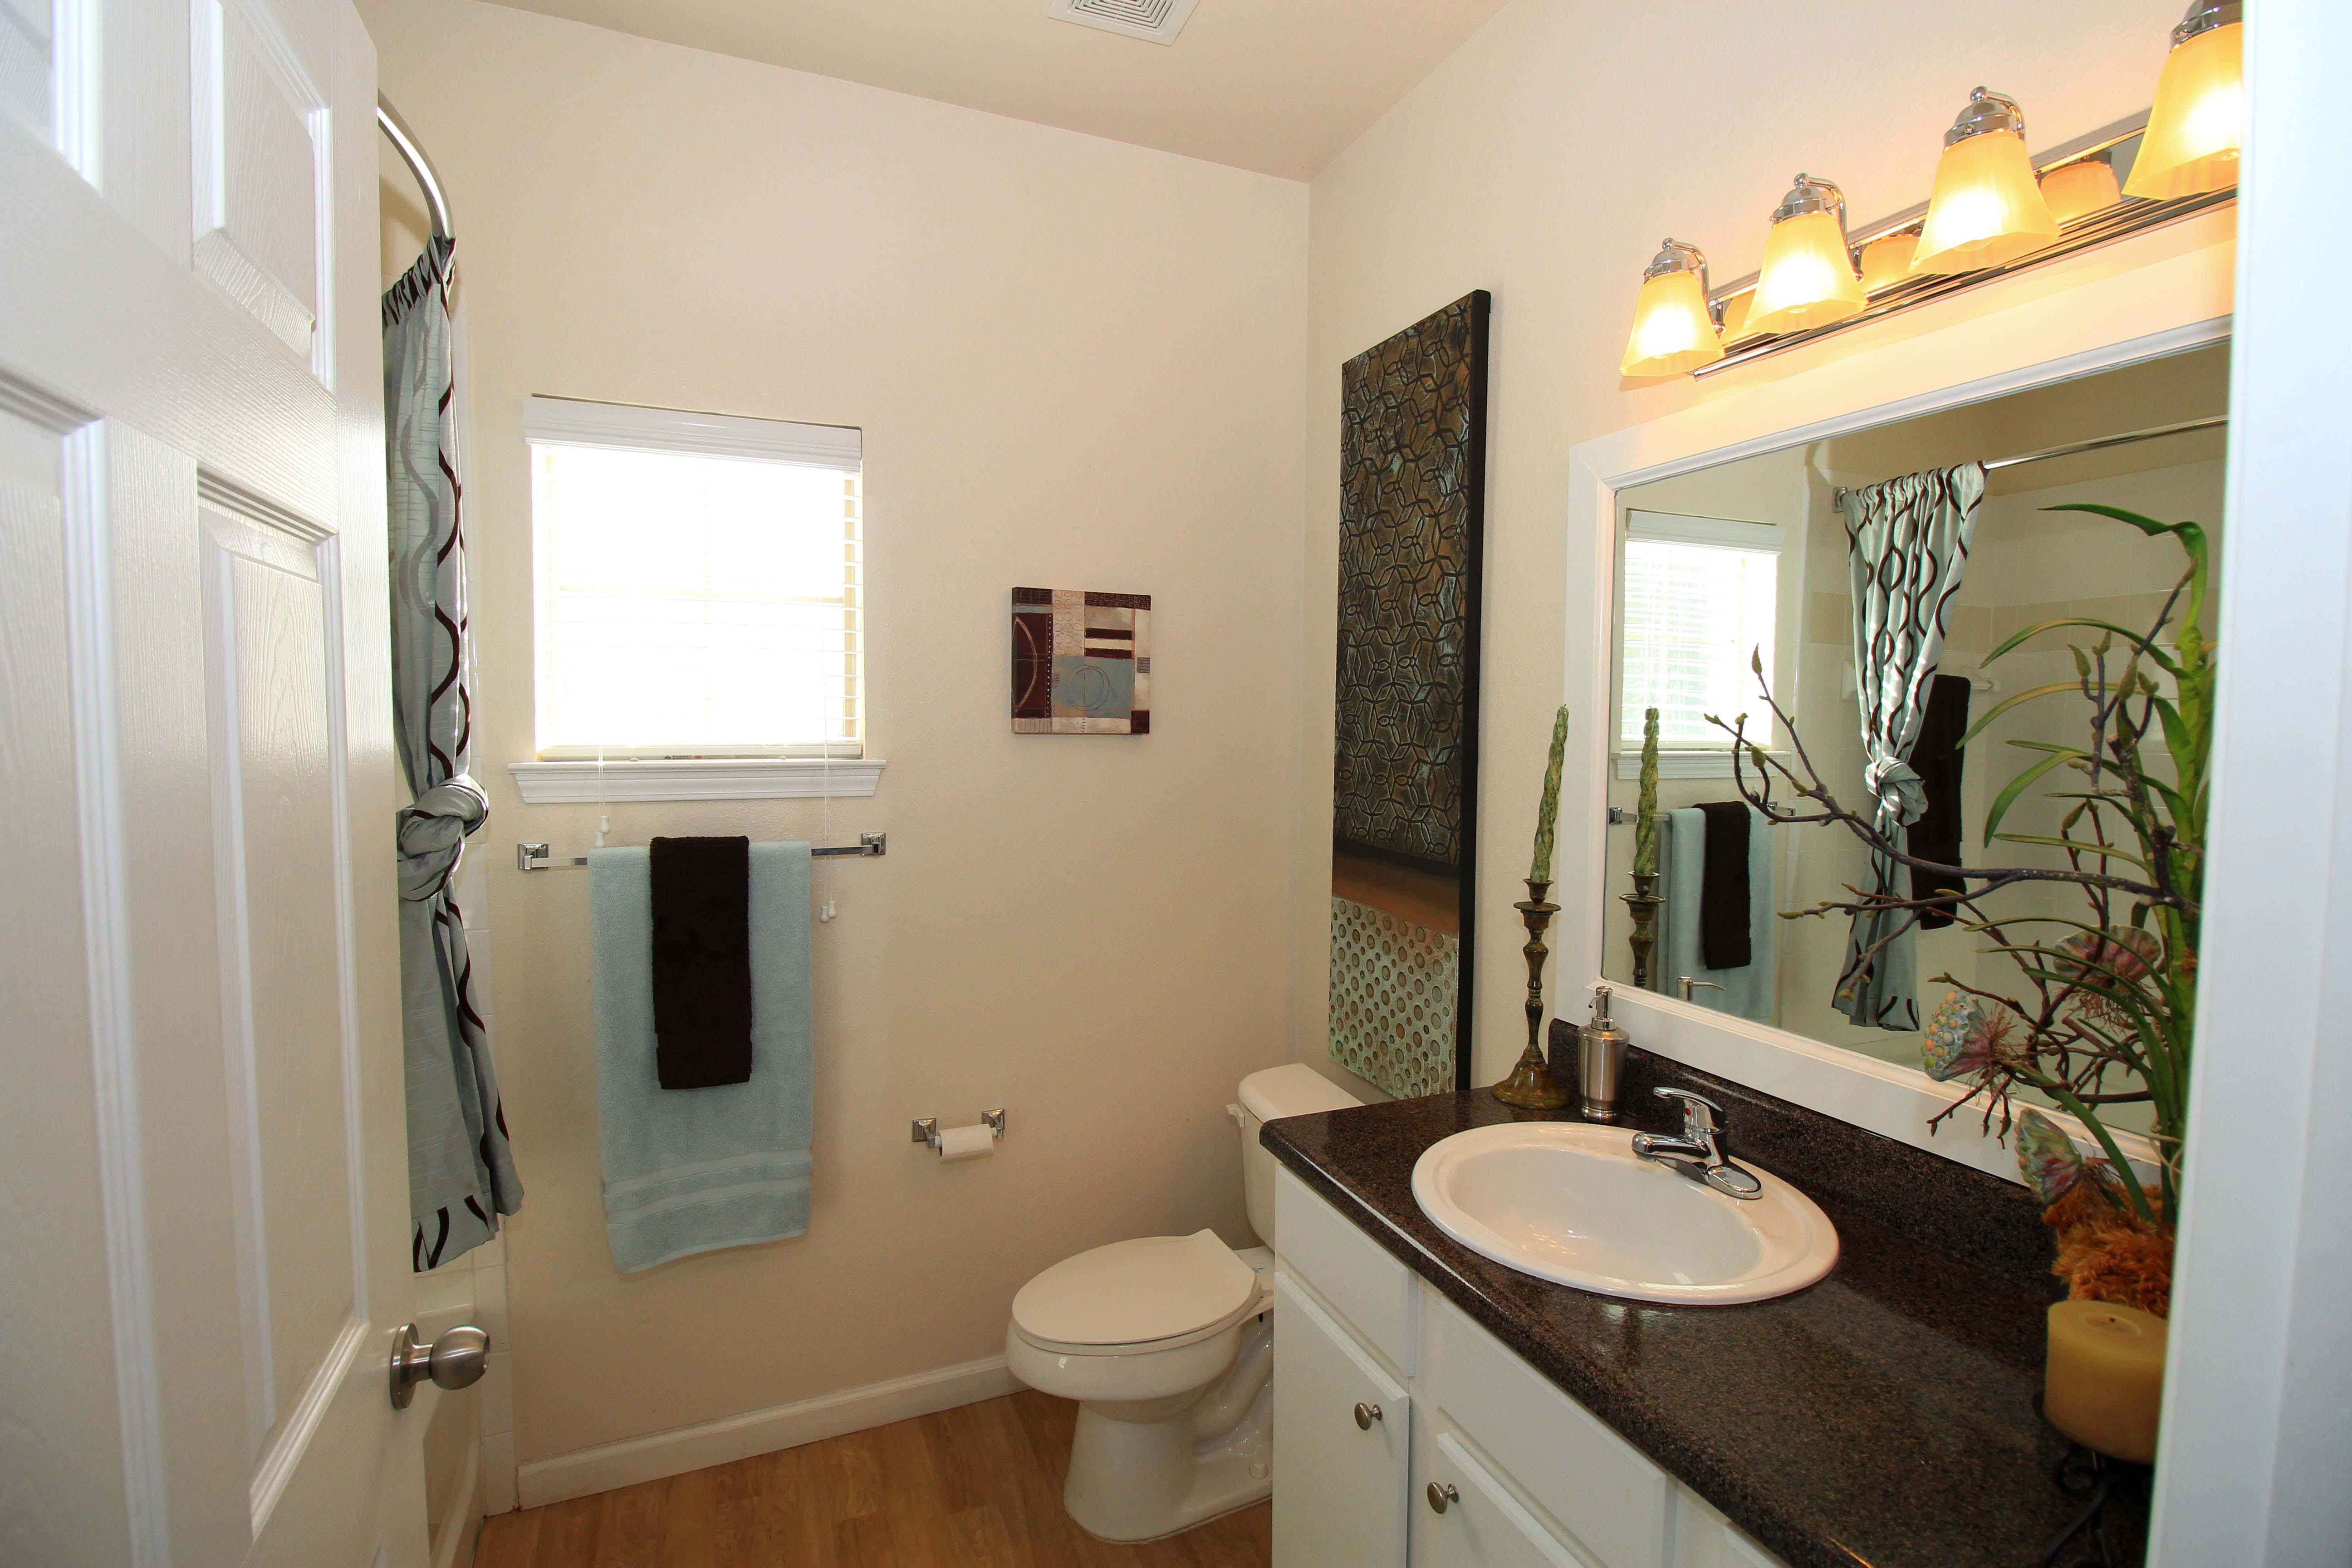 Guest Bathroom Luxury Upgrade at The Oxford at Estonia Apartments in San Antonio, TX